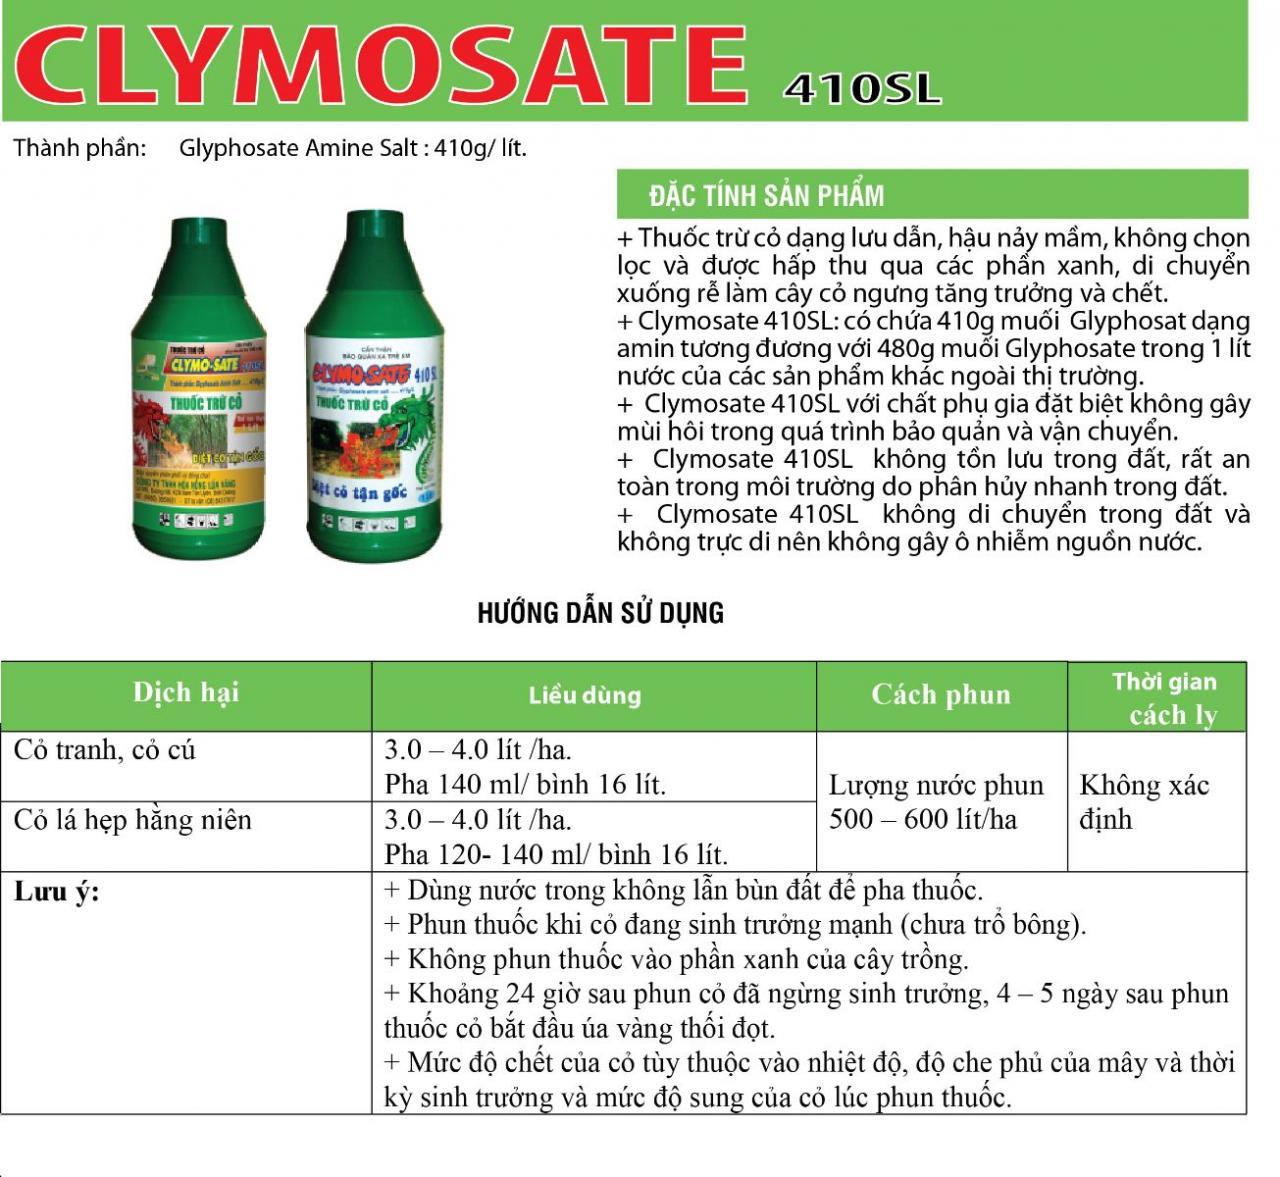 THUỐC CỎ KHÔNG CHỌN LỌC ĐẦU RỒNG CLYMOSATE 410SL